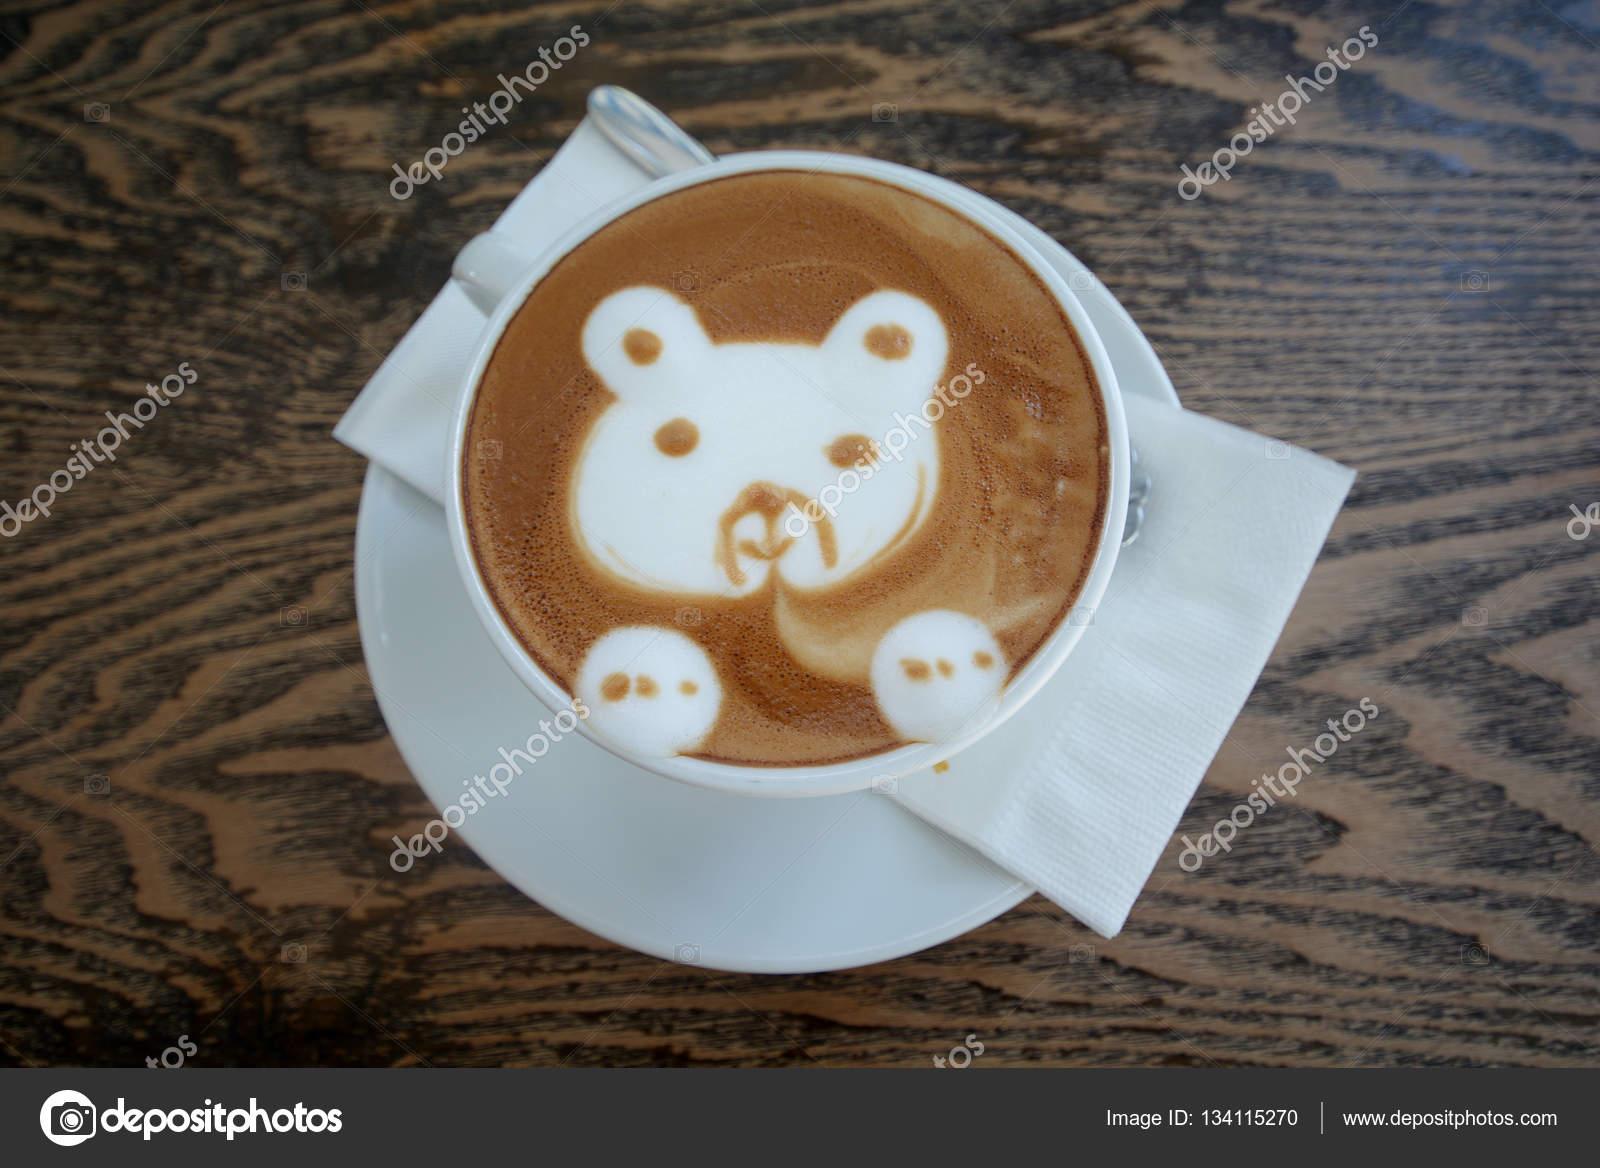 Dibujos Animados De Arte Latte Tener Cara De Café